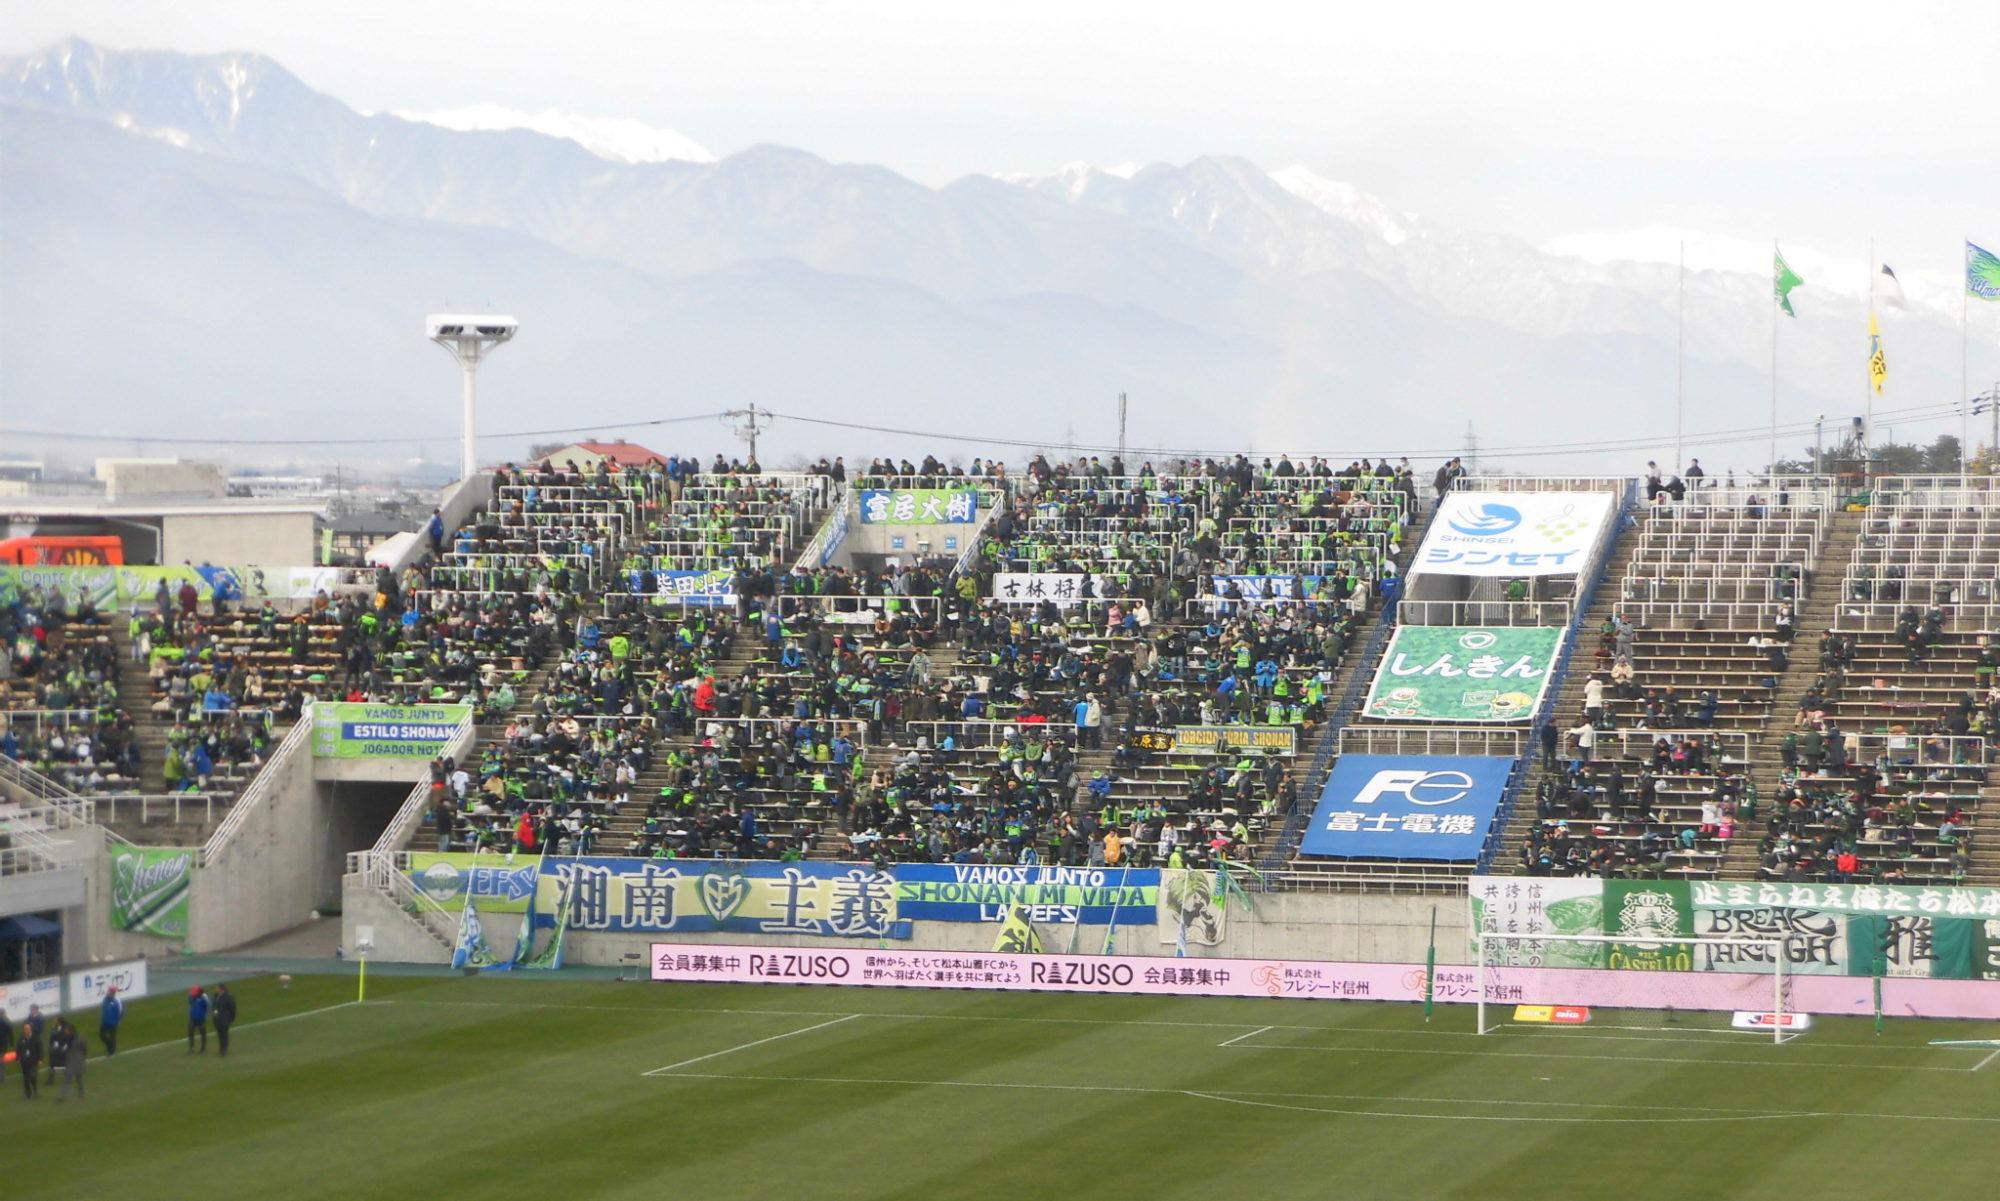 日本100スタジアムめぐりの旅メニューその77 江戸川区陸上競技場投稿ナビゲーション